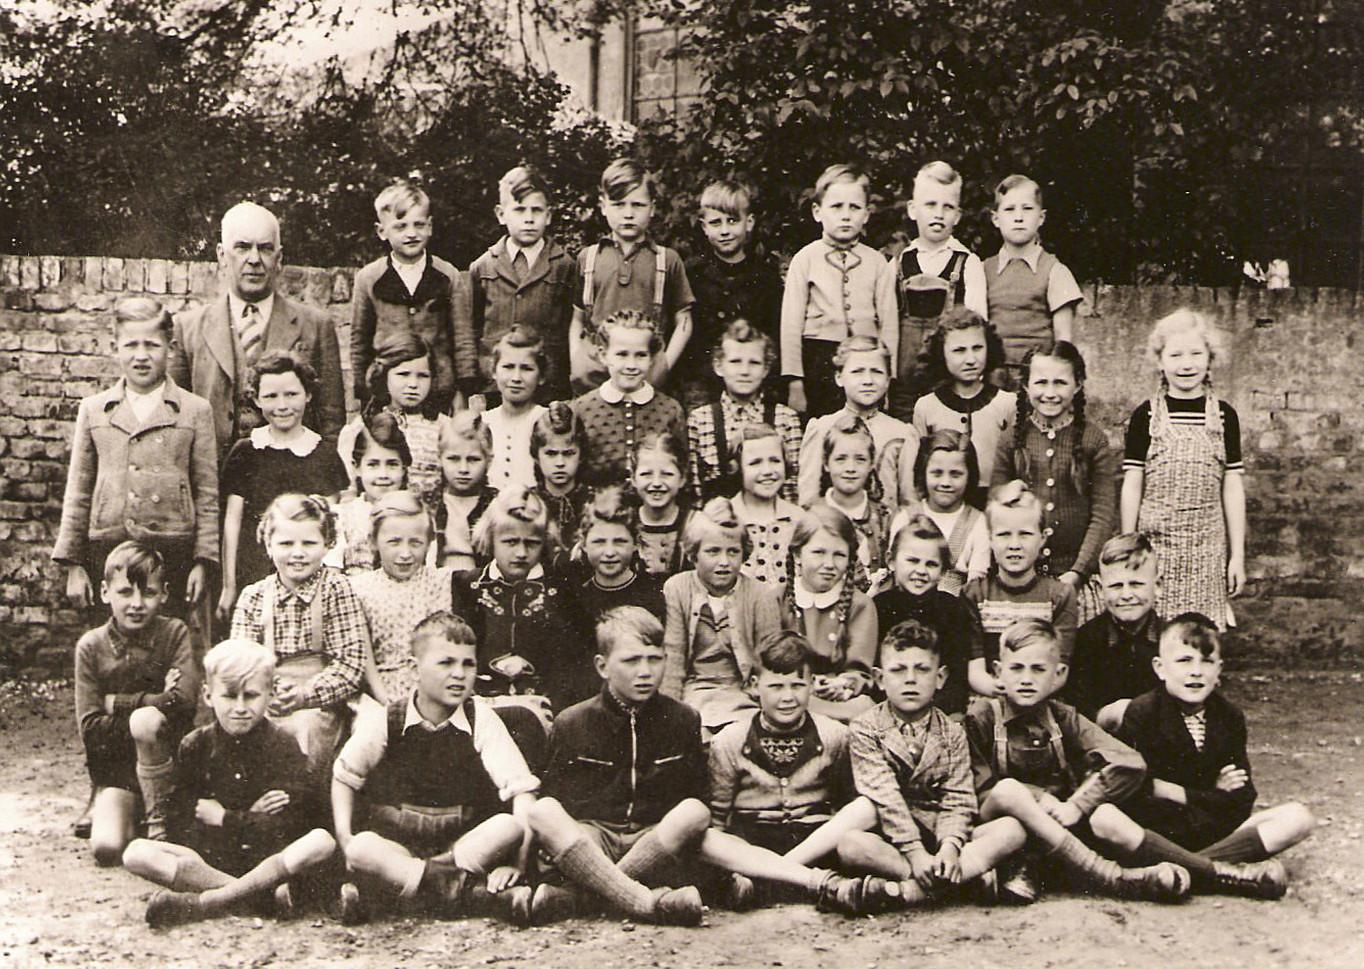 Jahrgang 1942, Bild: Fischer,Rosemarie geb. Pfaff